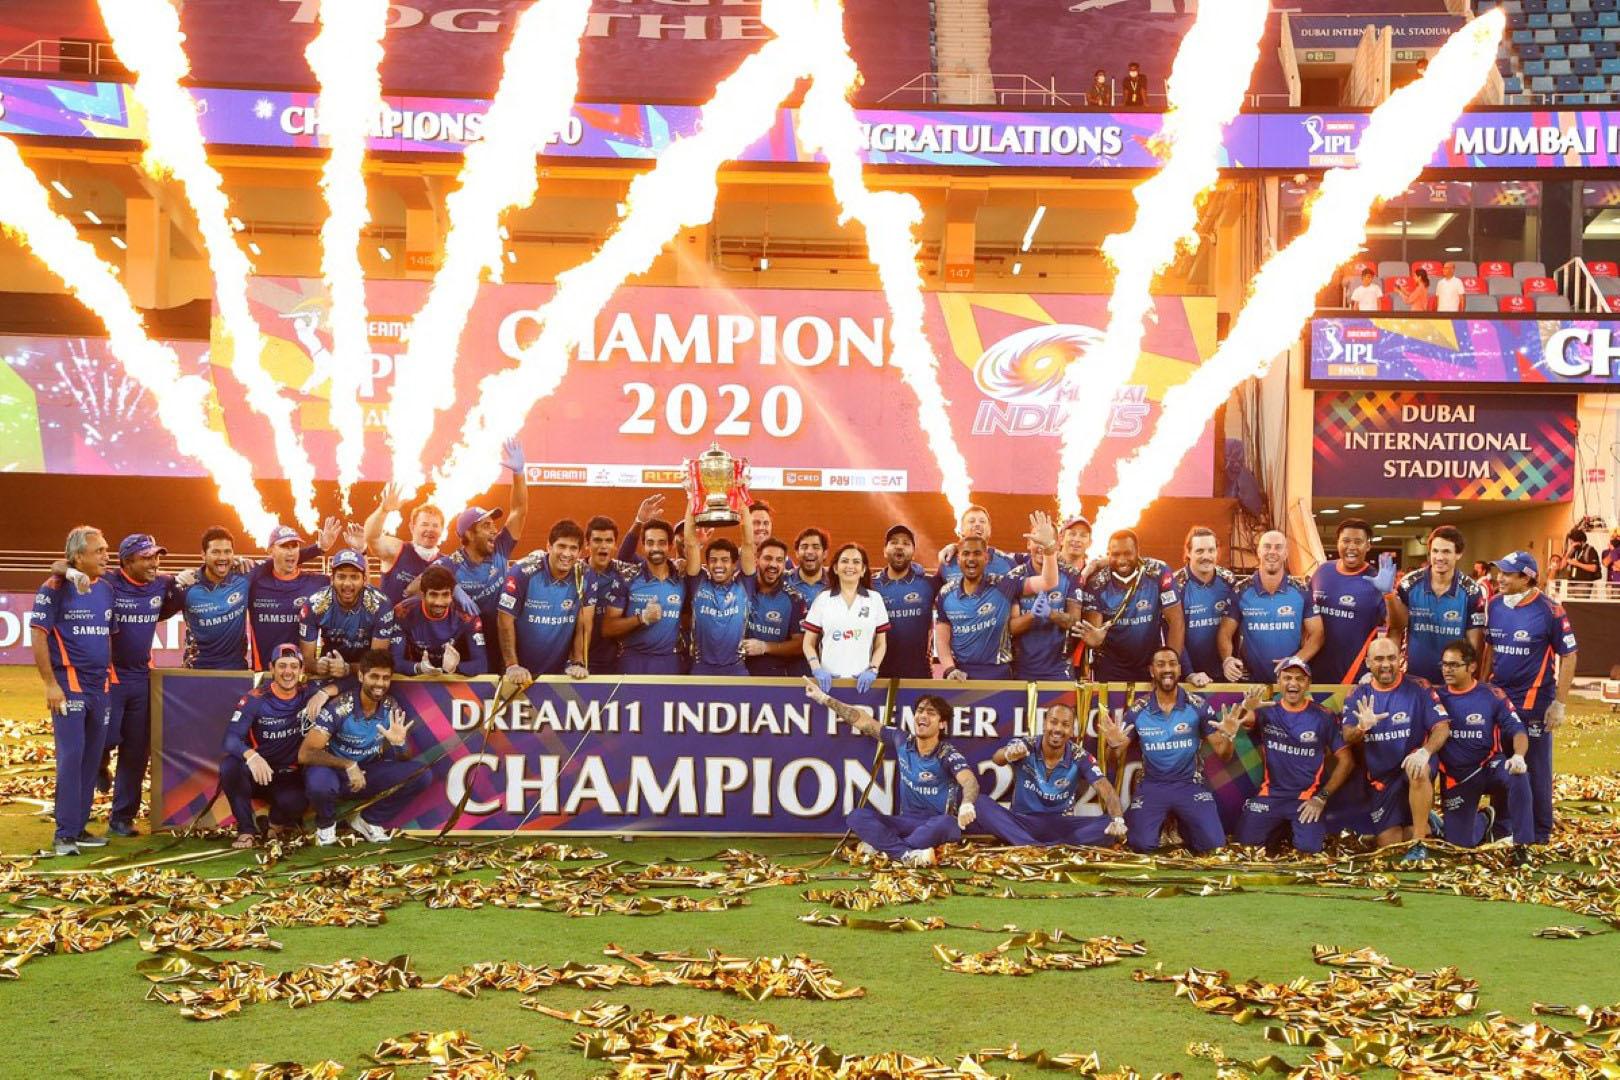 دبي تستضيف المباريات النهائية للدوري الهندي الممتاز وكأس العالم للكريكت